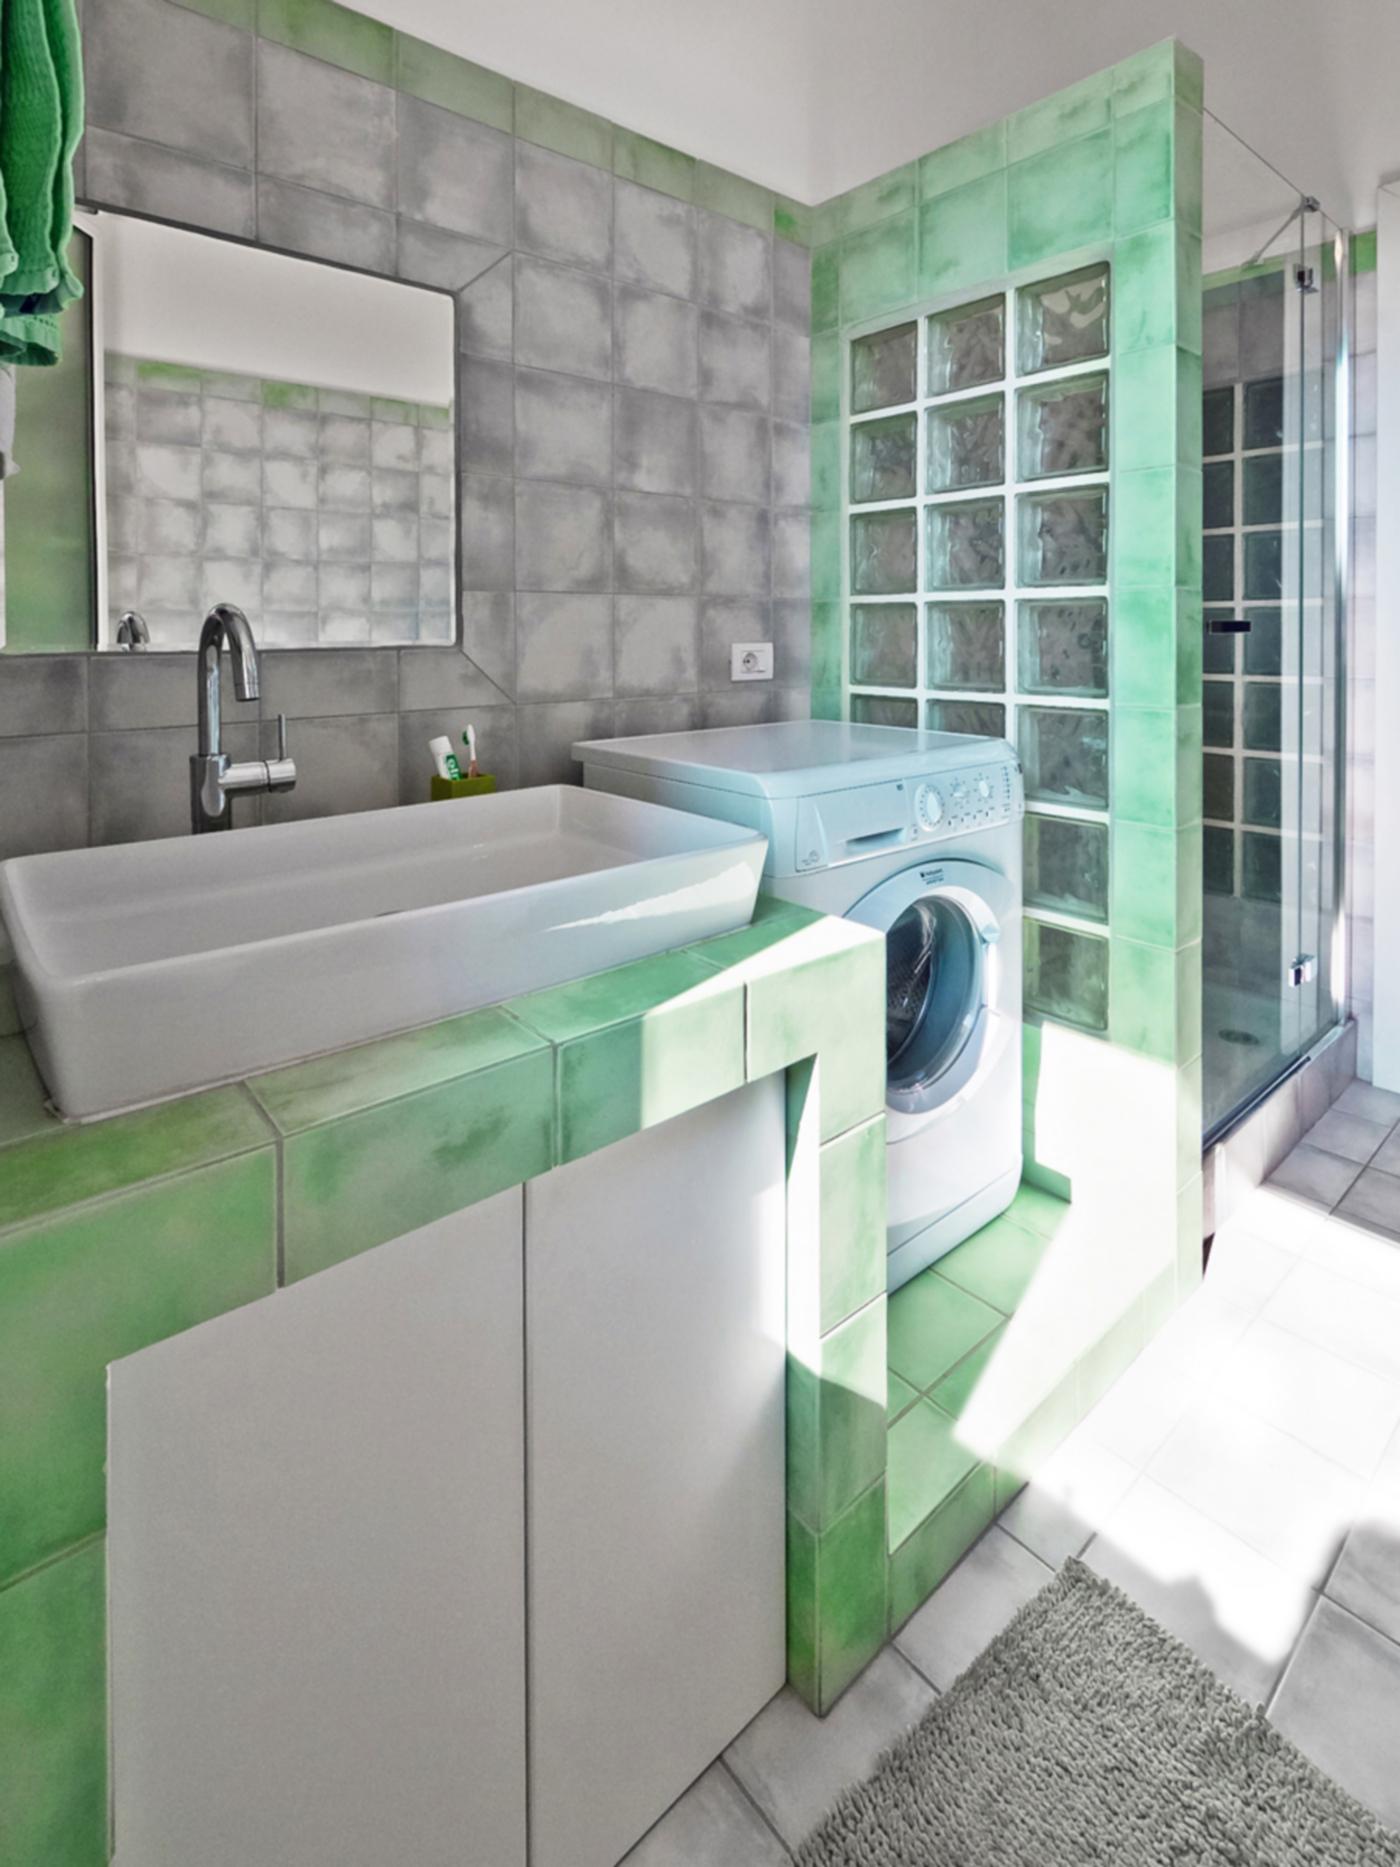 Una ristrutturazione che trasforma il colore in spazio. Il bagno, con piastrelle modulari di colore verde | Bottega di Architettura